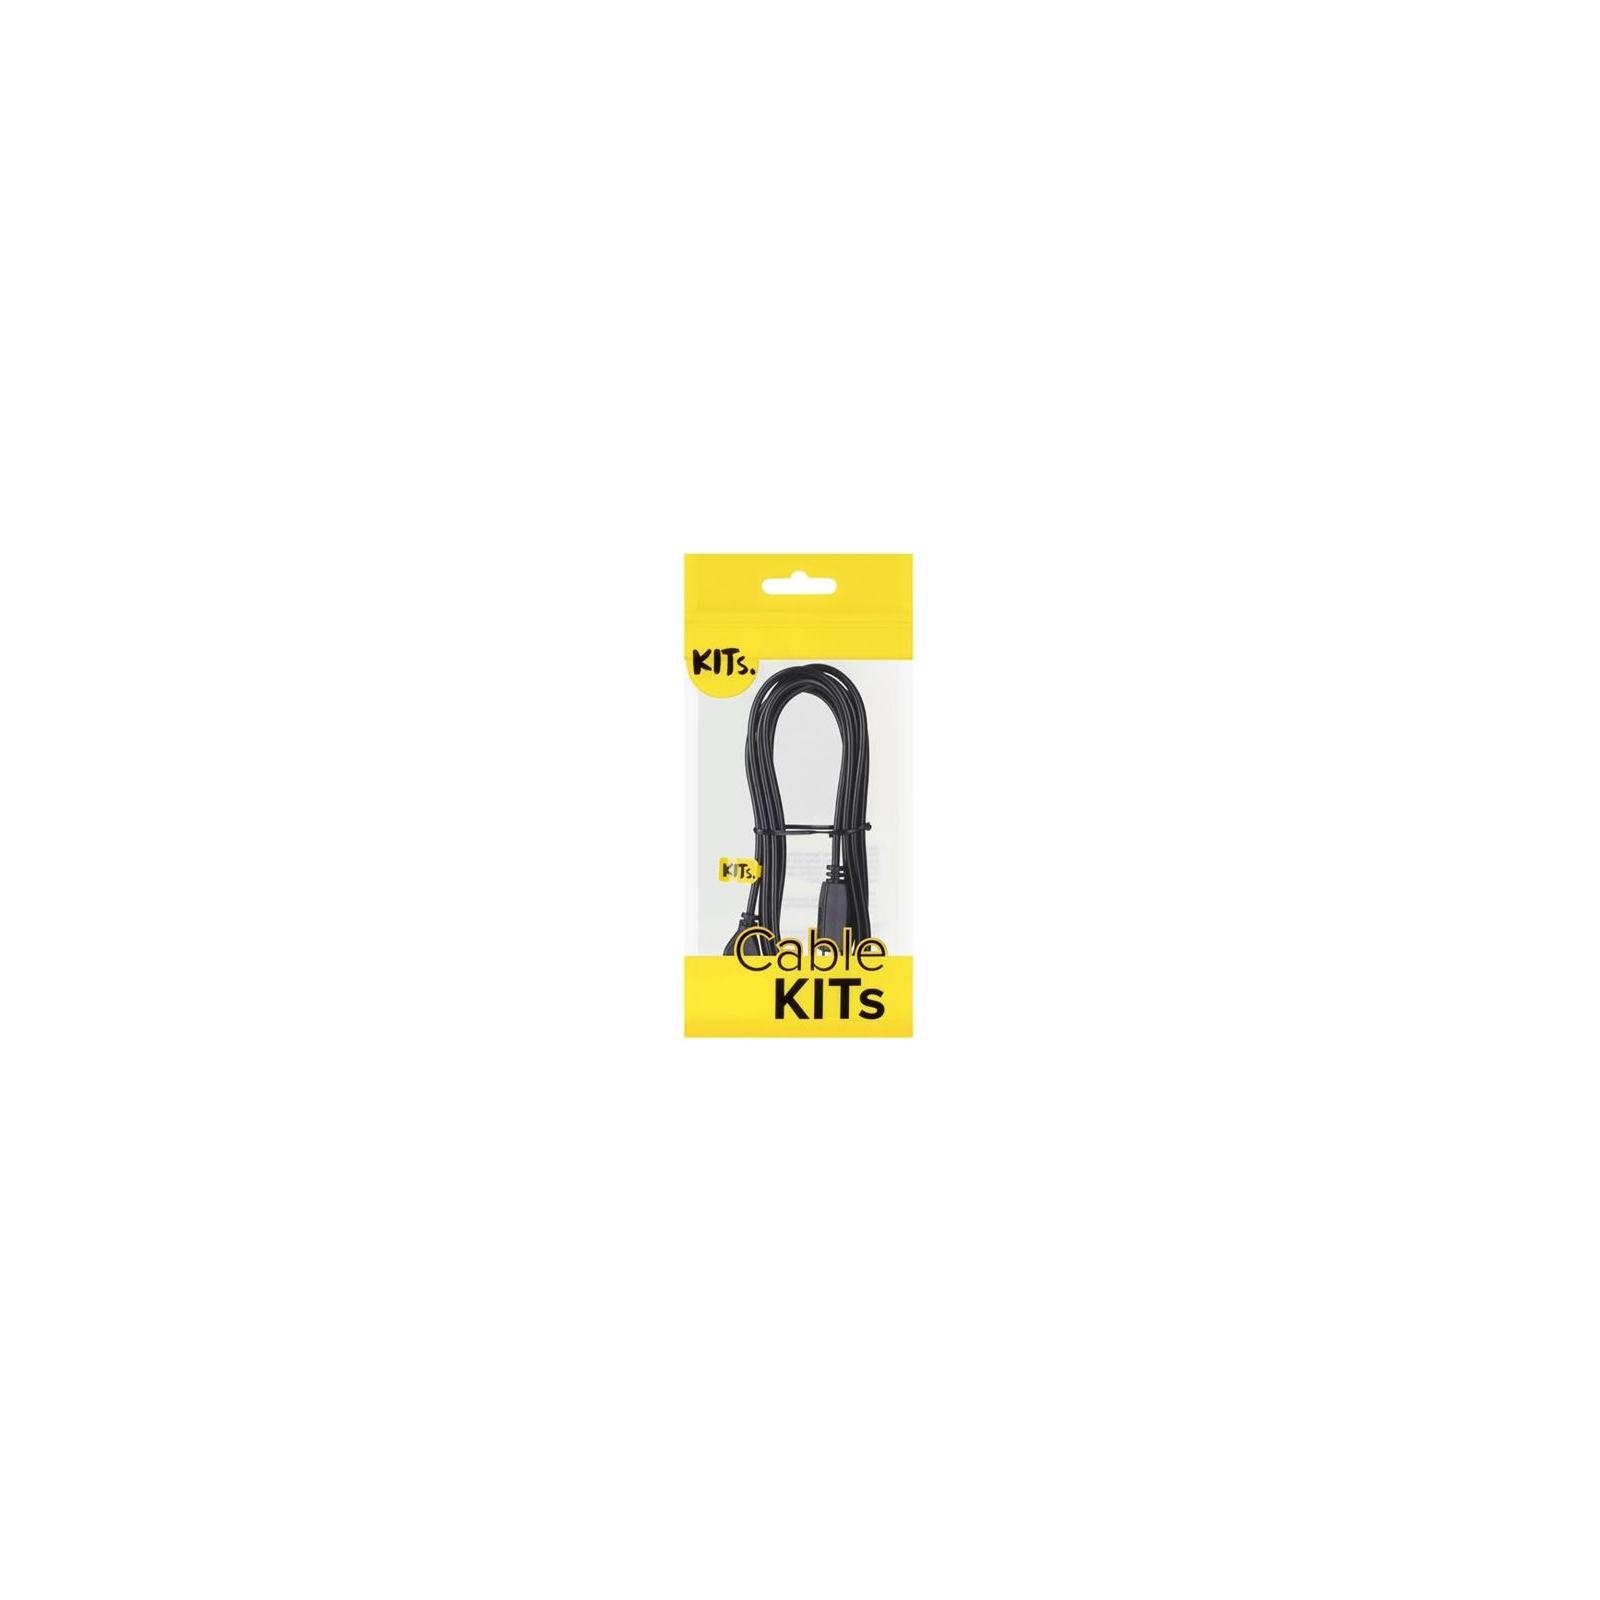 Кабель для принтера USB 2.0 AM/BM 1.8m Kit (KITS-W-006) изображение 2